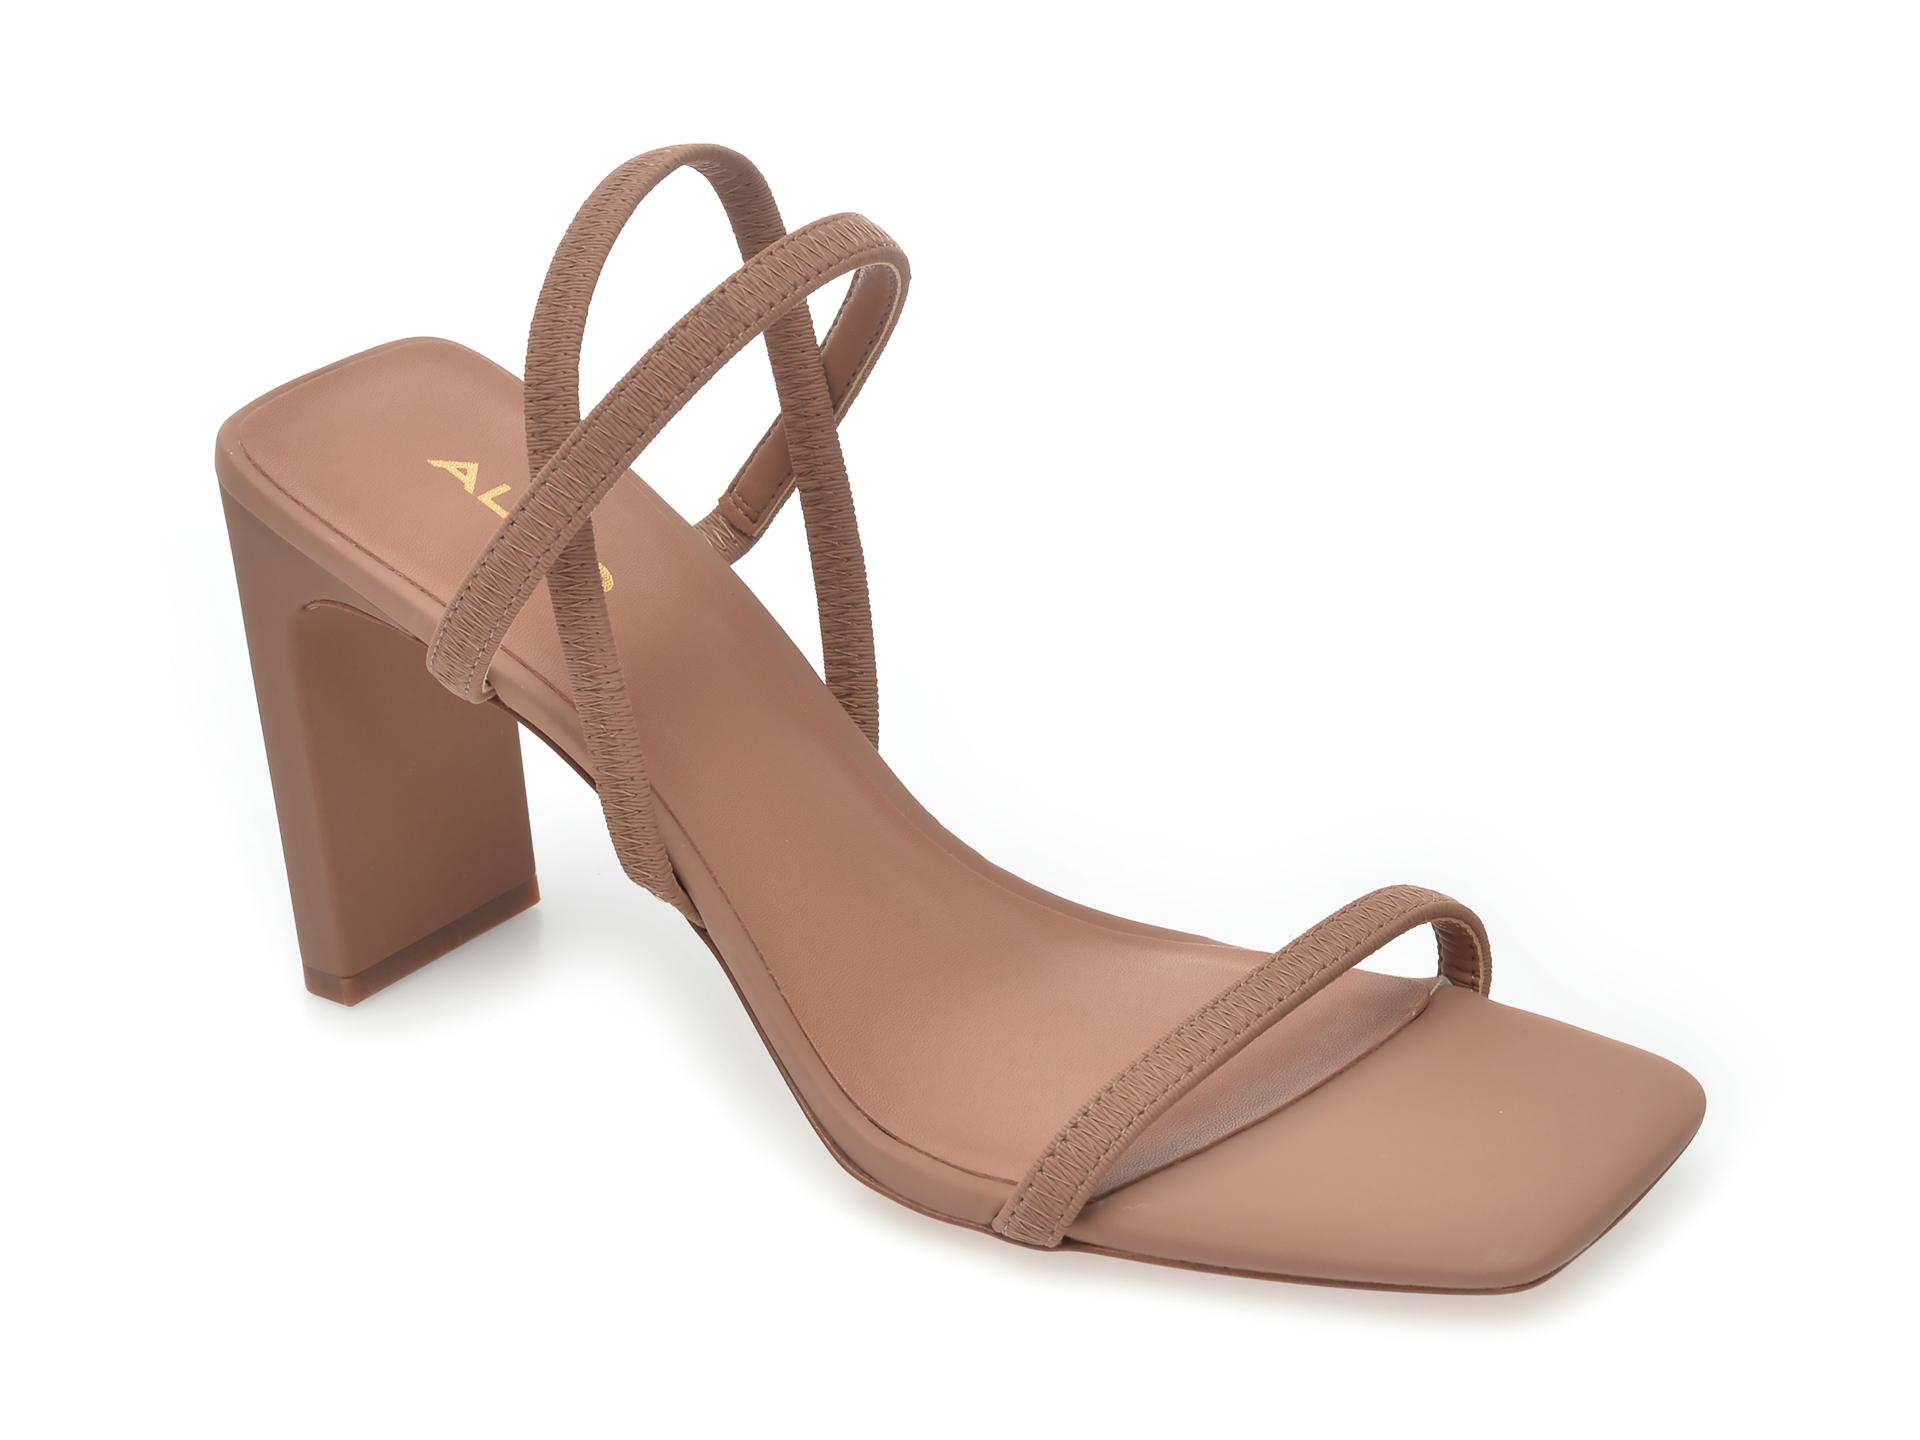 Sandale ALDO nude, Okurr270, din piele ecologica New